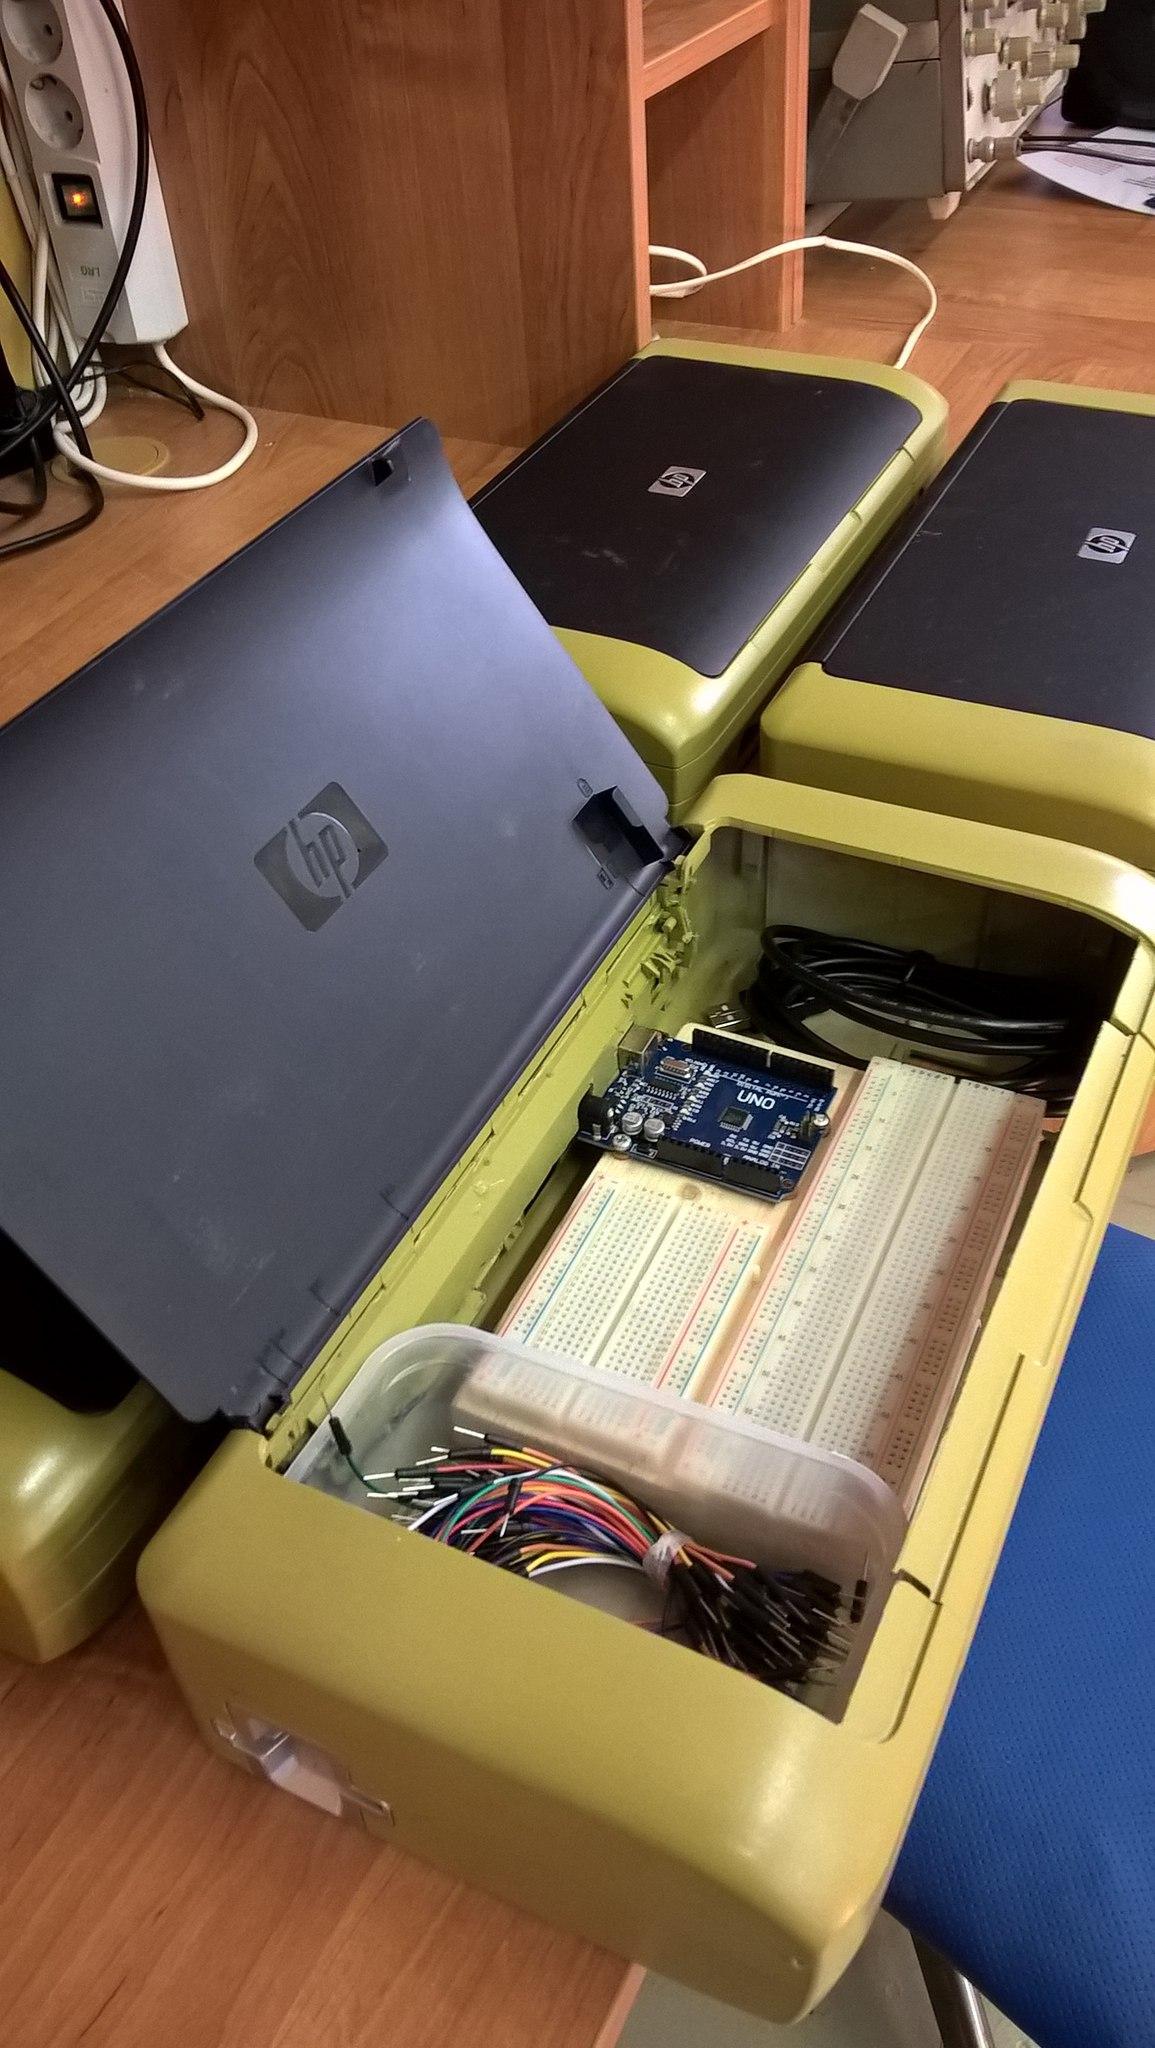 Индивидуальные макеты для кружка радиоэлектроники на базе… да-да, опять Arduino - 6